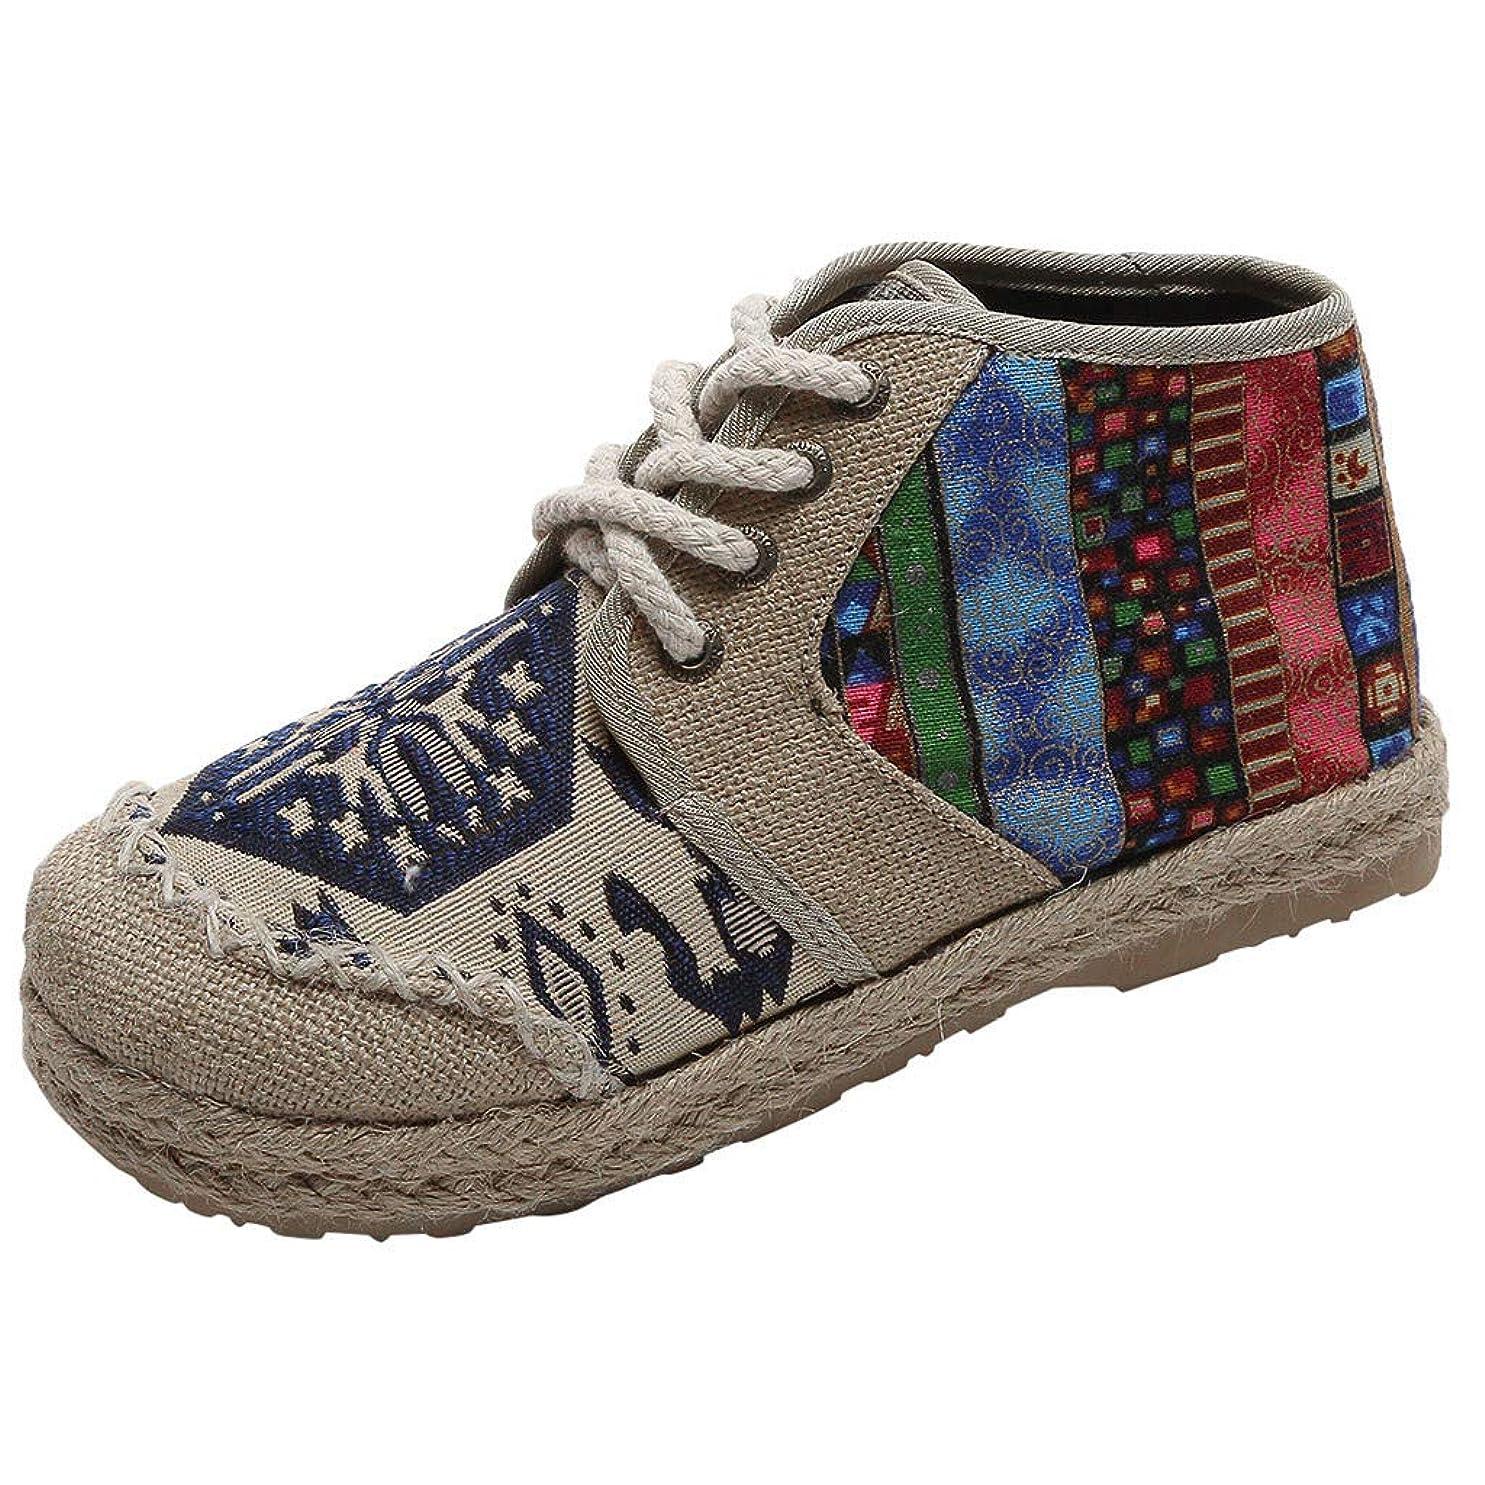 マザーランド交流するジャベスウィルソン[Sucute] 国立風の婦人靴 リネンレトロ 学生 カジュアル 大型 シングルシューズ 高い助け ファッショントレンド 海沿いの旅行に適しています (35-43)